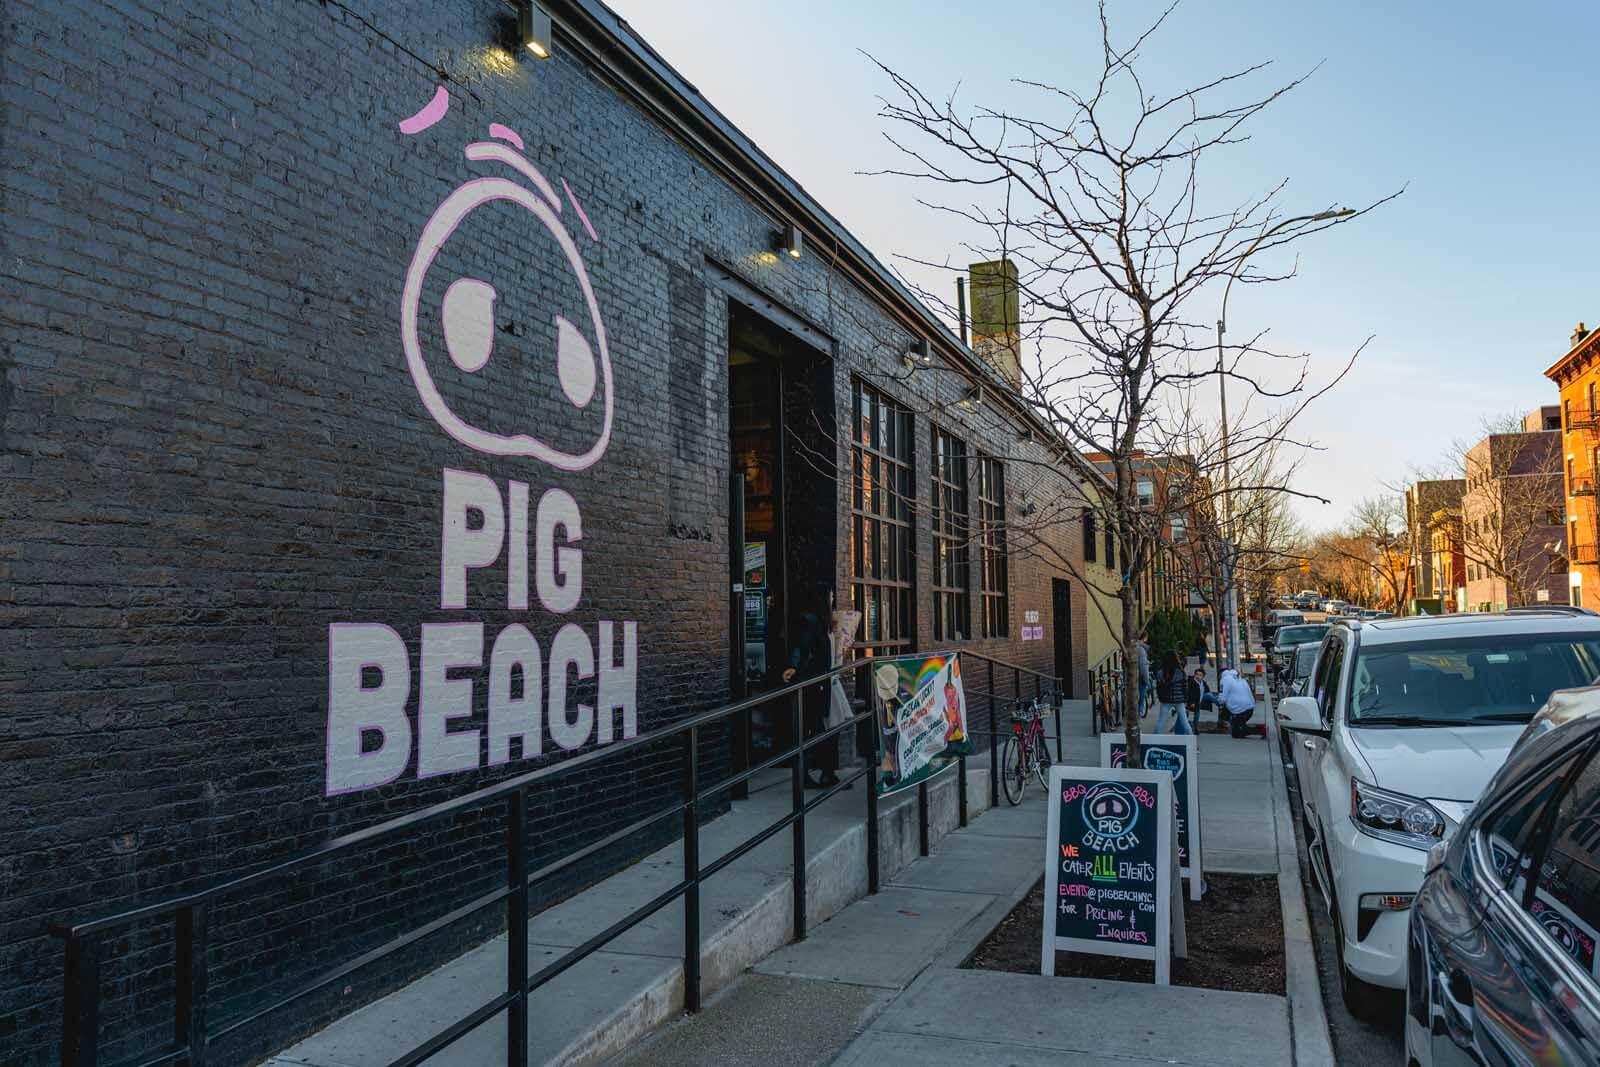 Pig Beach in Gowanus Brooklyn